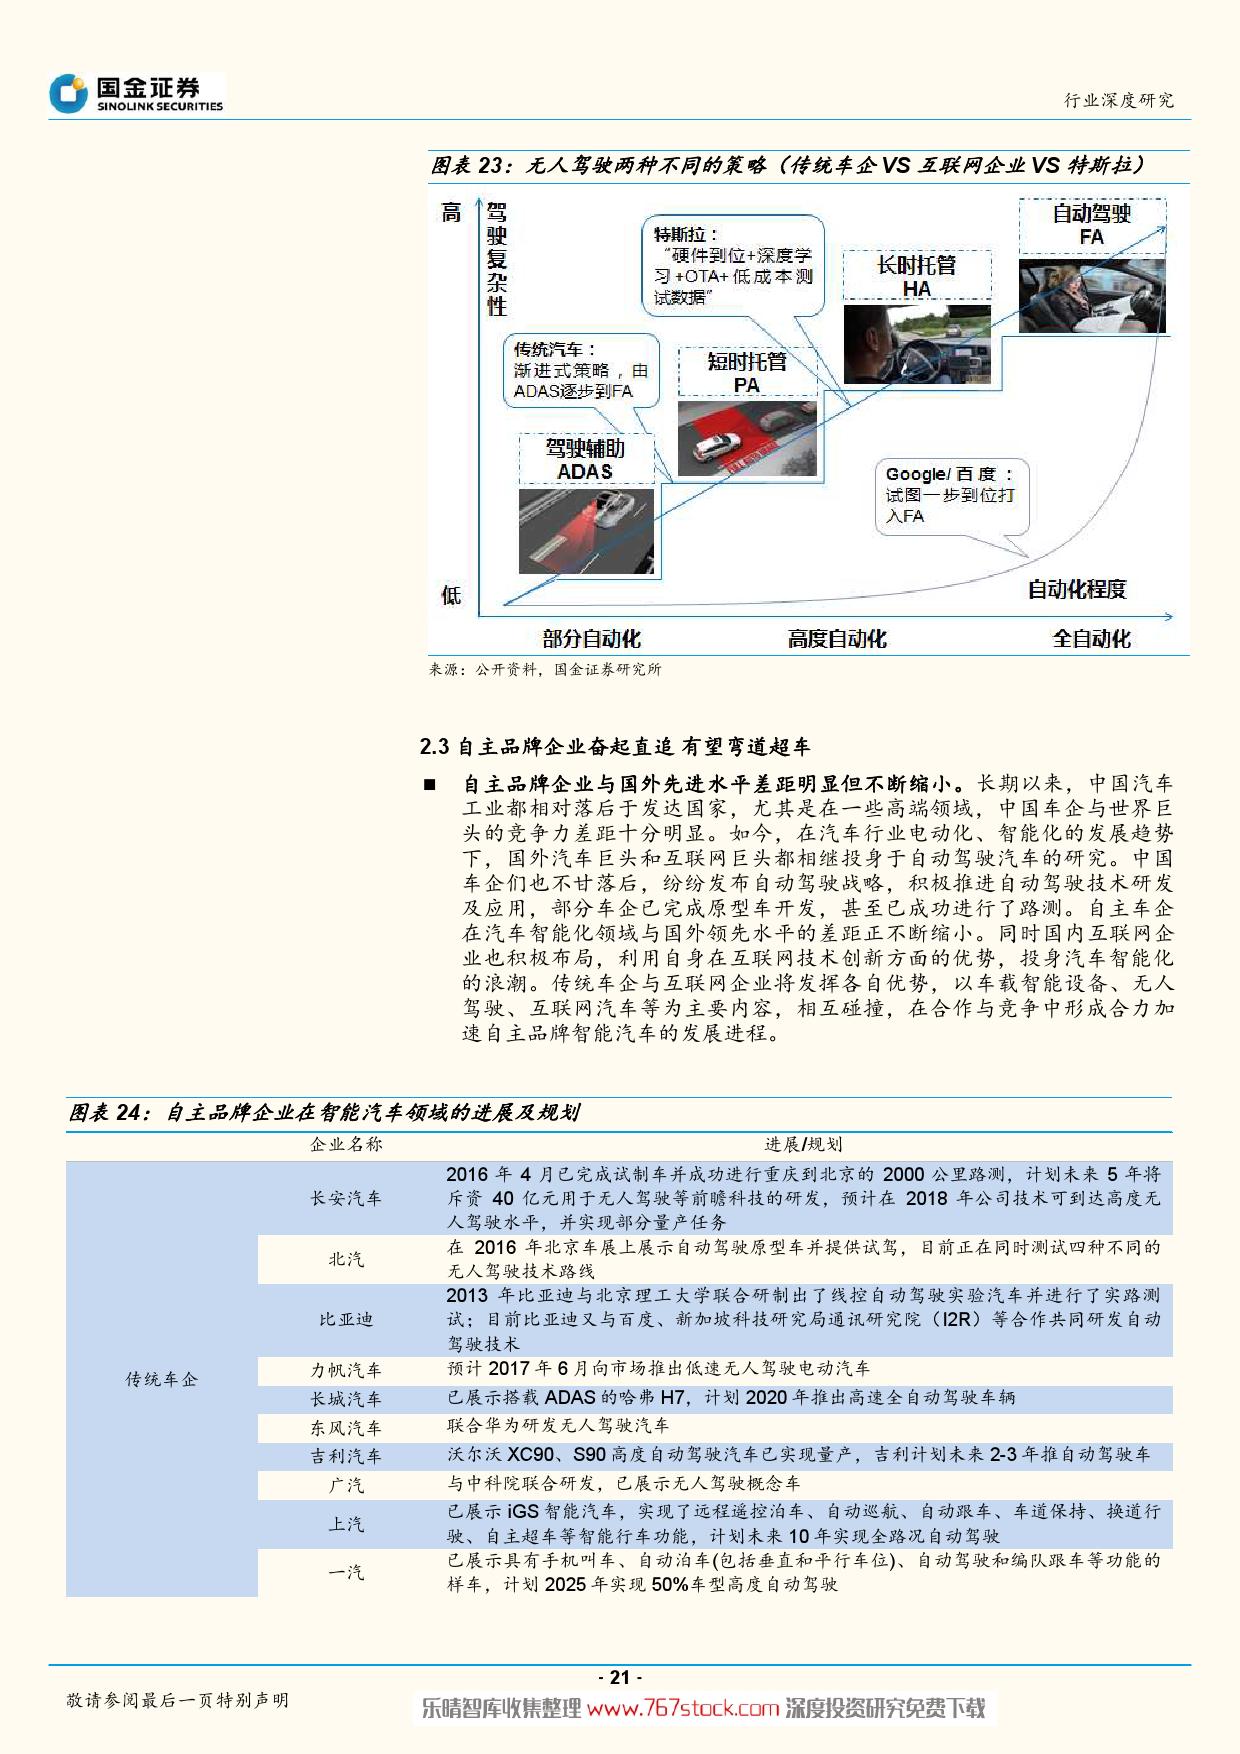 特斯拉产业系列深度报告-智能驾驶爆发在即_000021